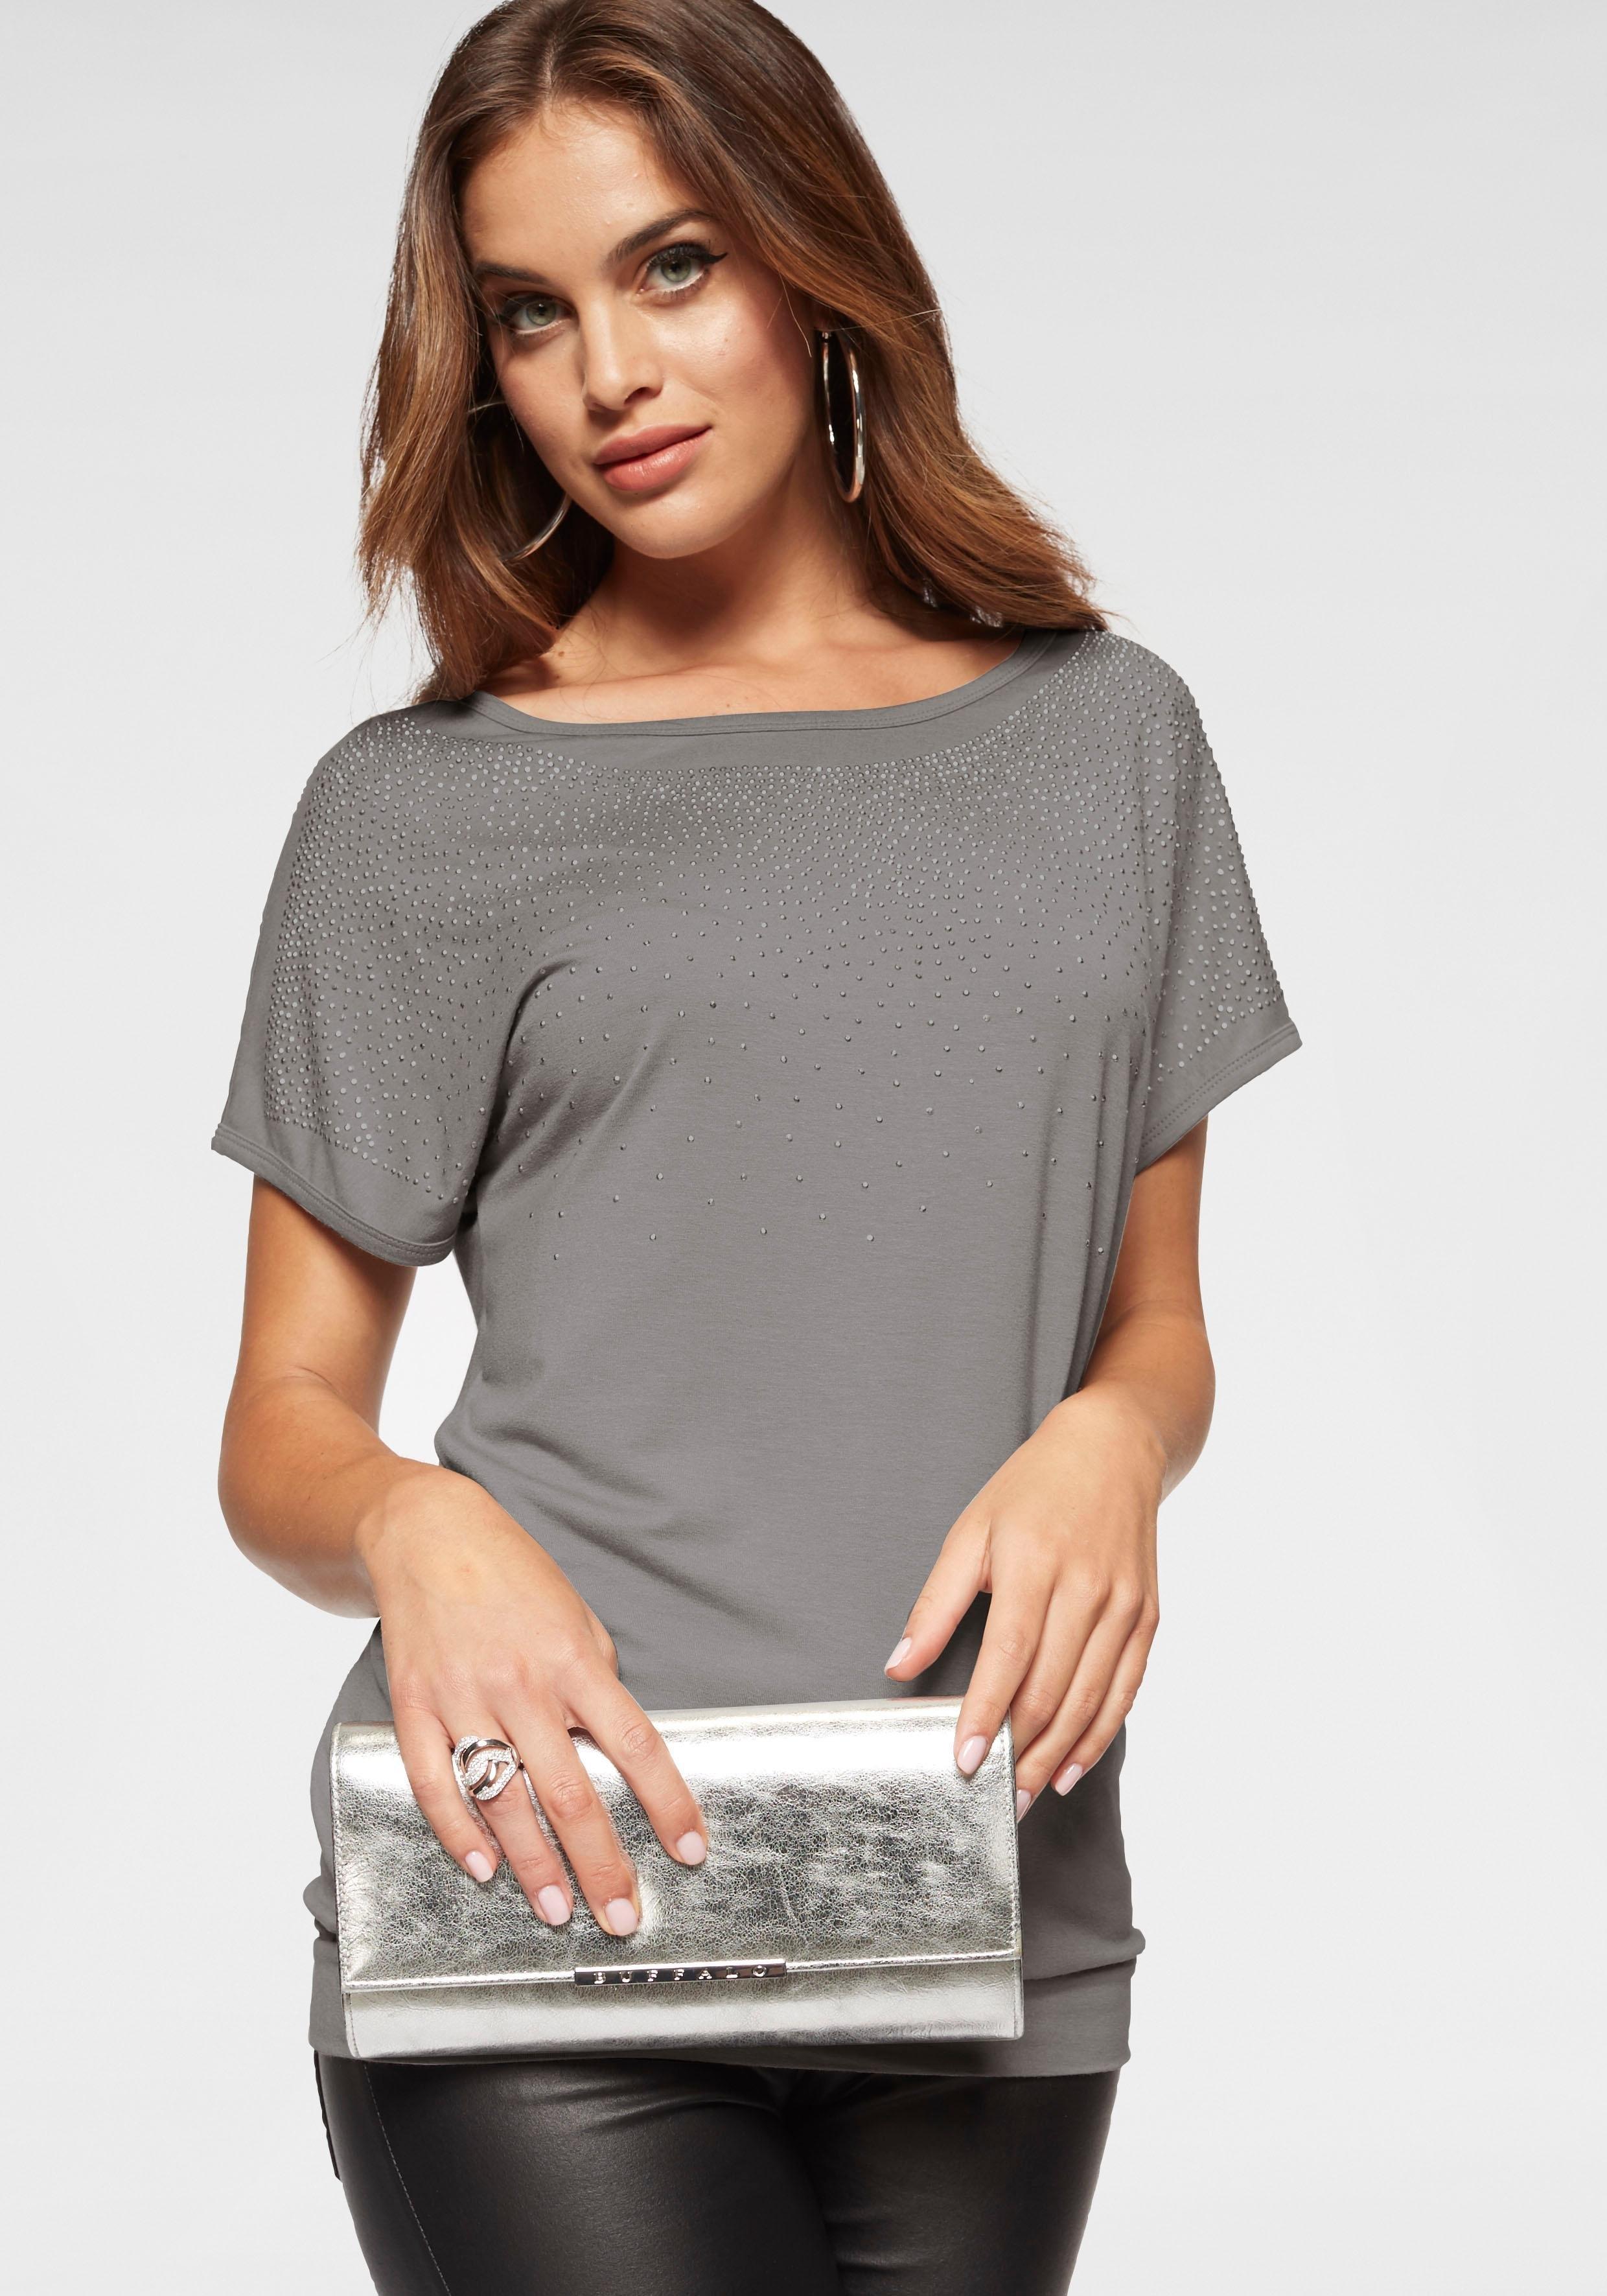 melrose shirt met ronde hals veilig op otto.nl kopen